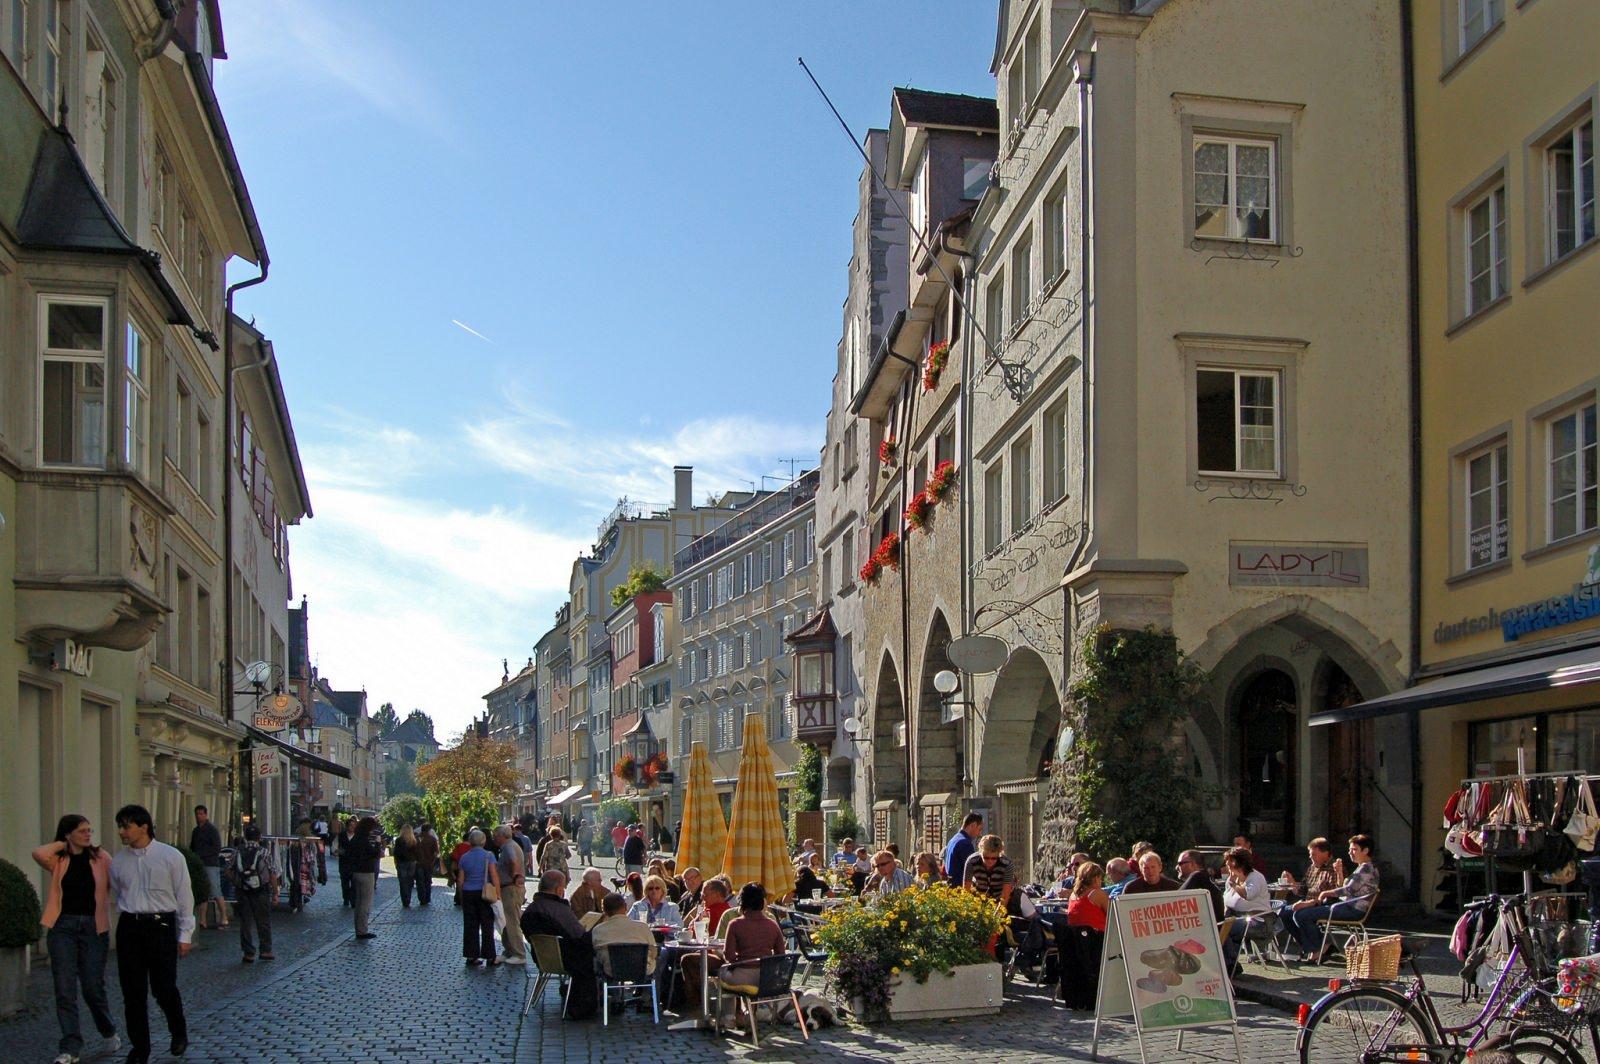 Lindau Altstadt fußgängerzone